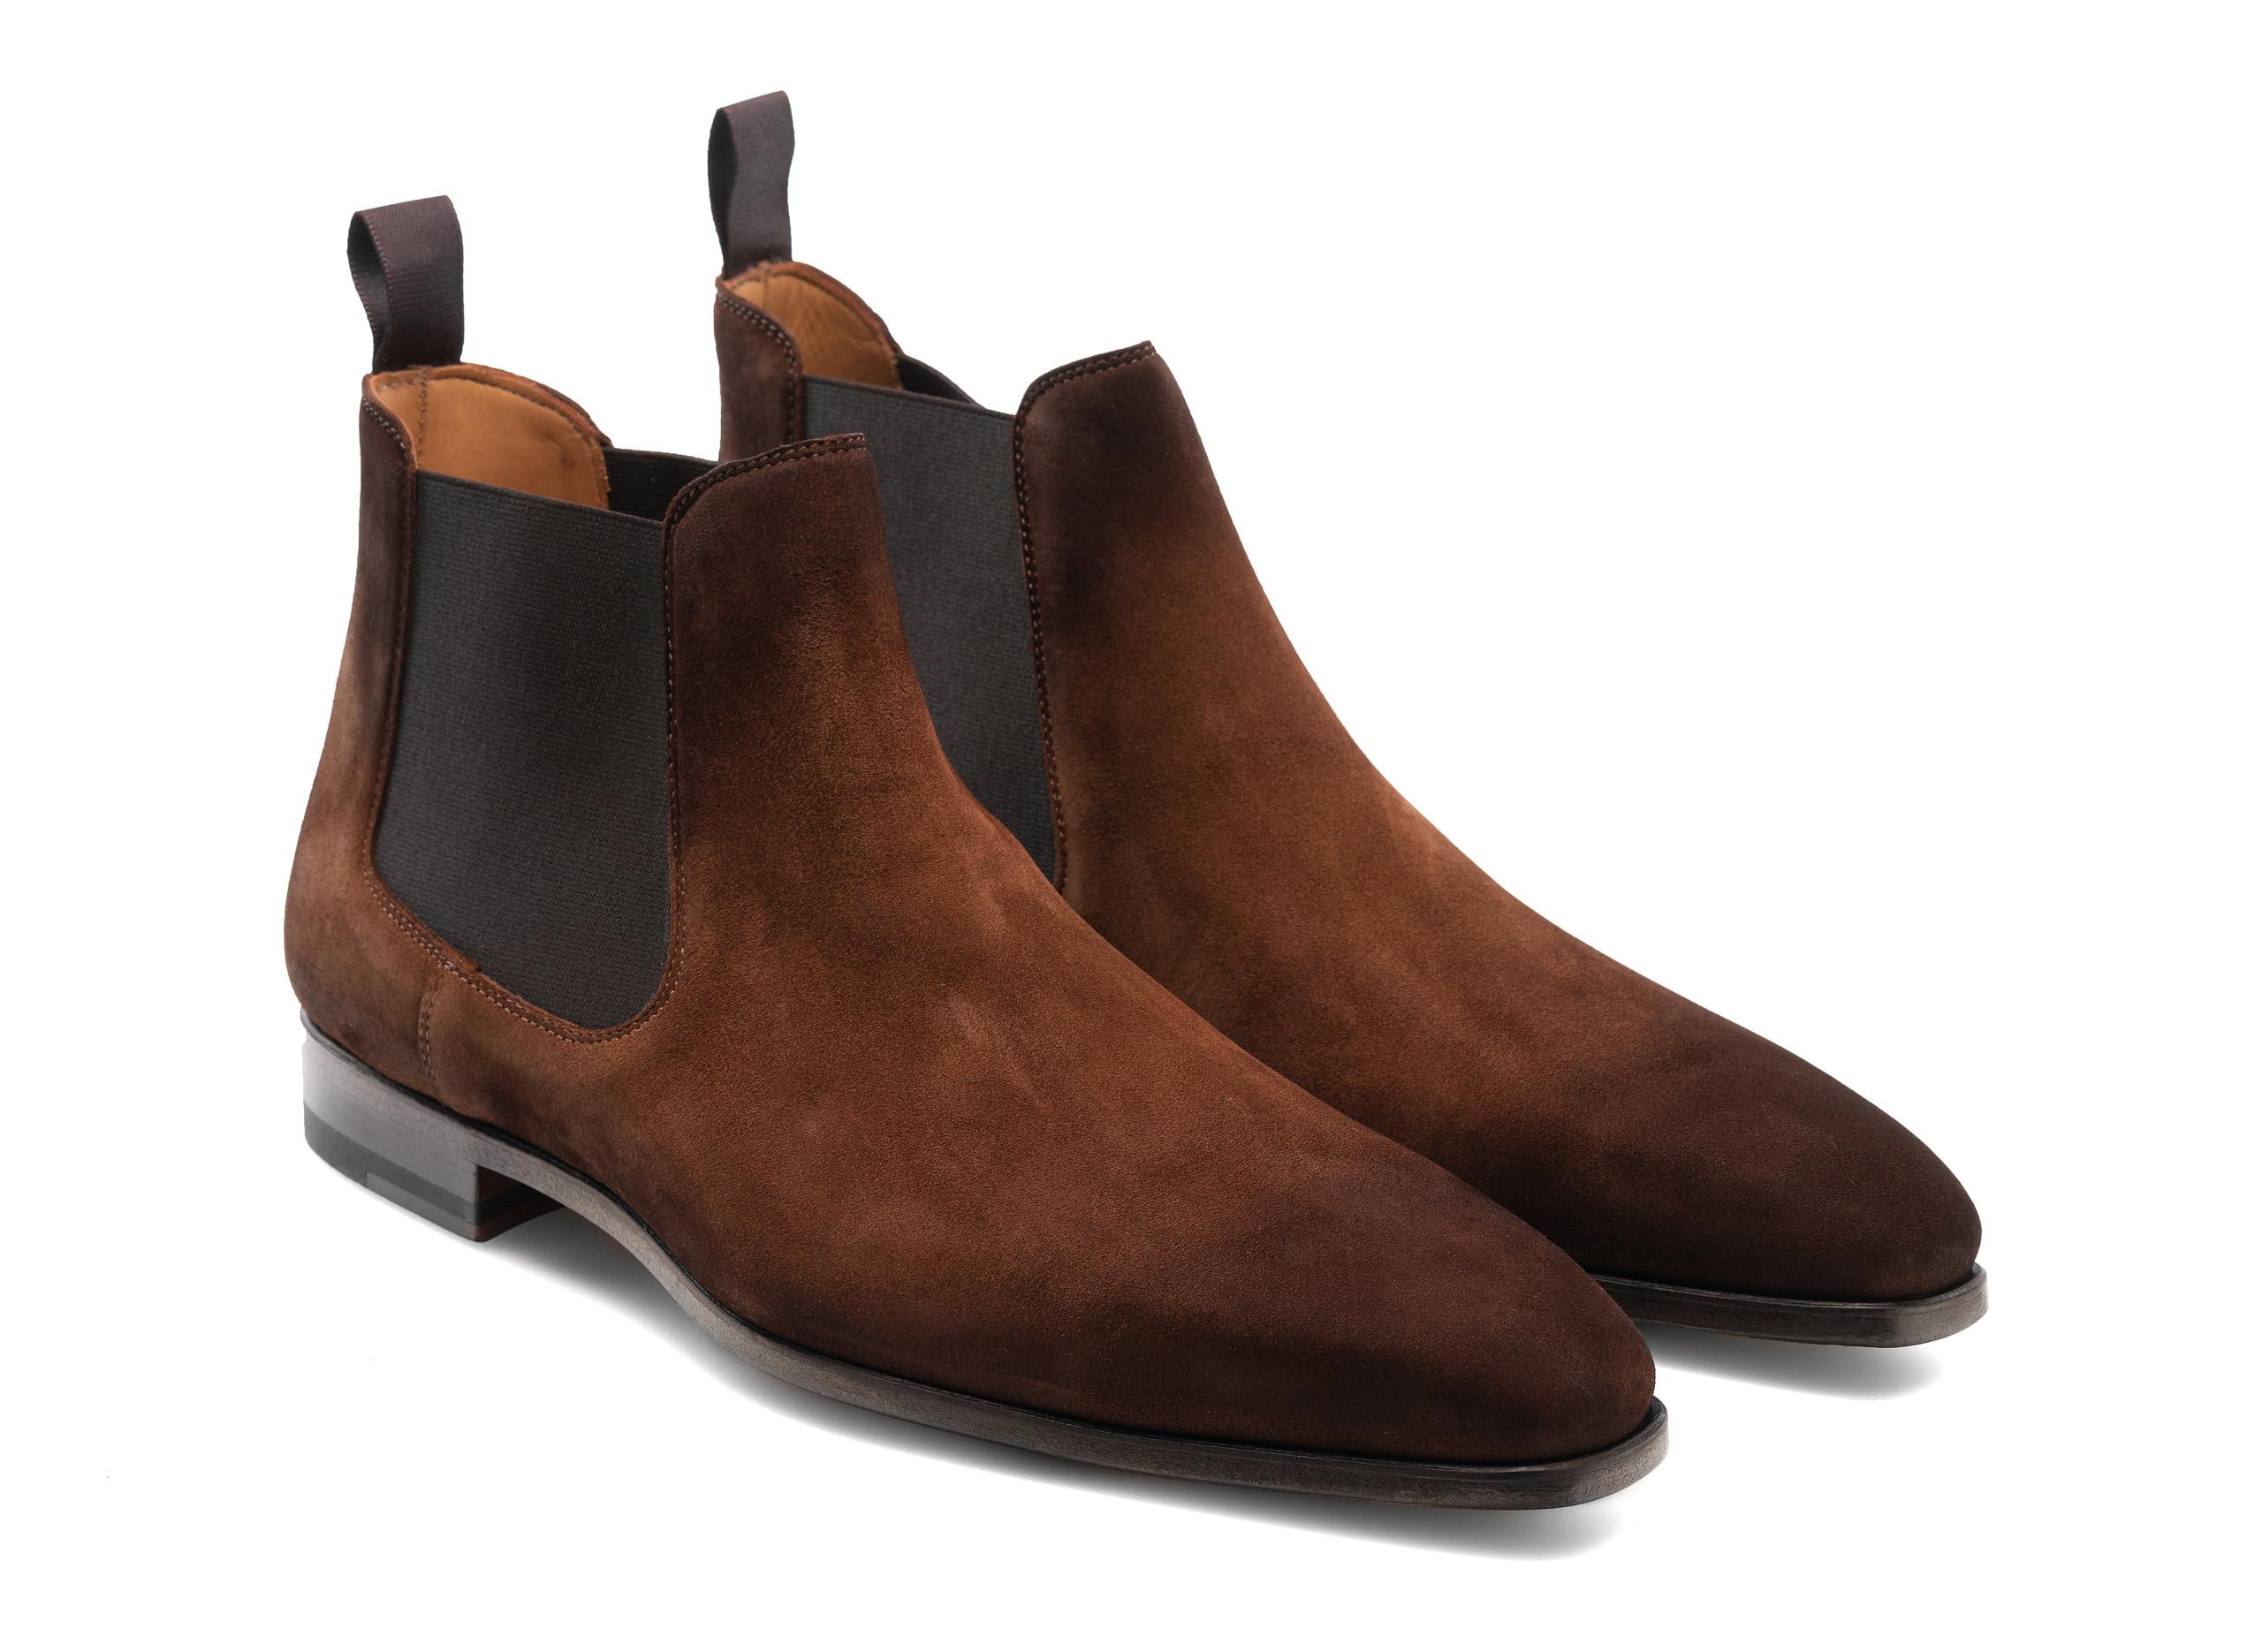 Suede_Shoes_Magnanni